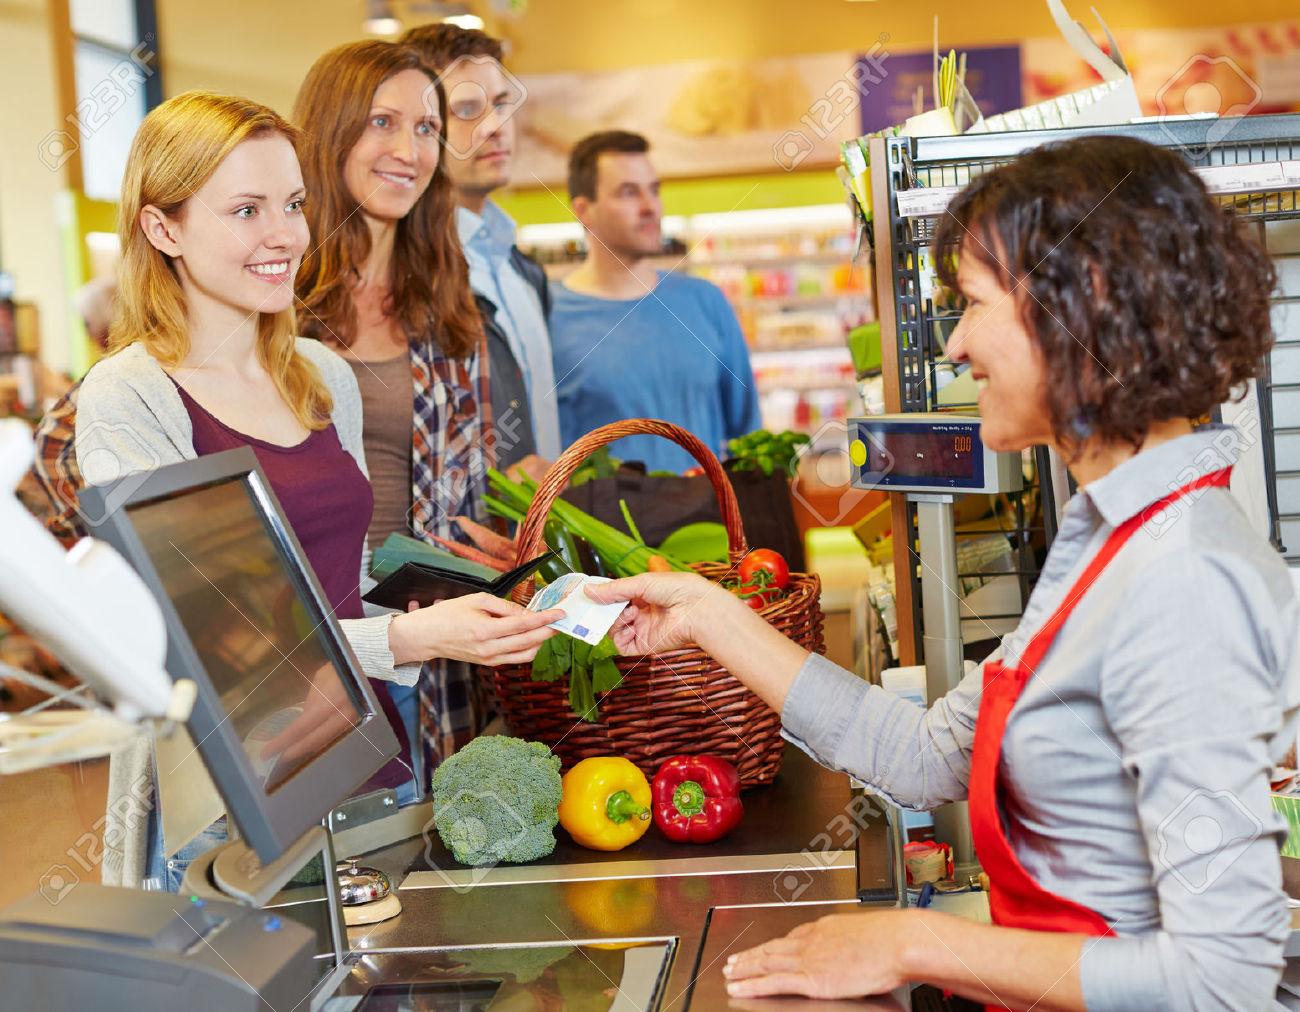 31496700-Mujer-sonriente-que-pagar-en-efectivo-con-Euro-bill-dinero-en-la-caja-del-supermercado-Foto-de-archivo